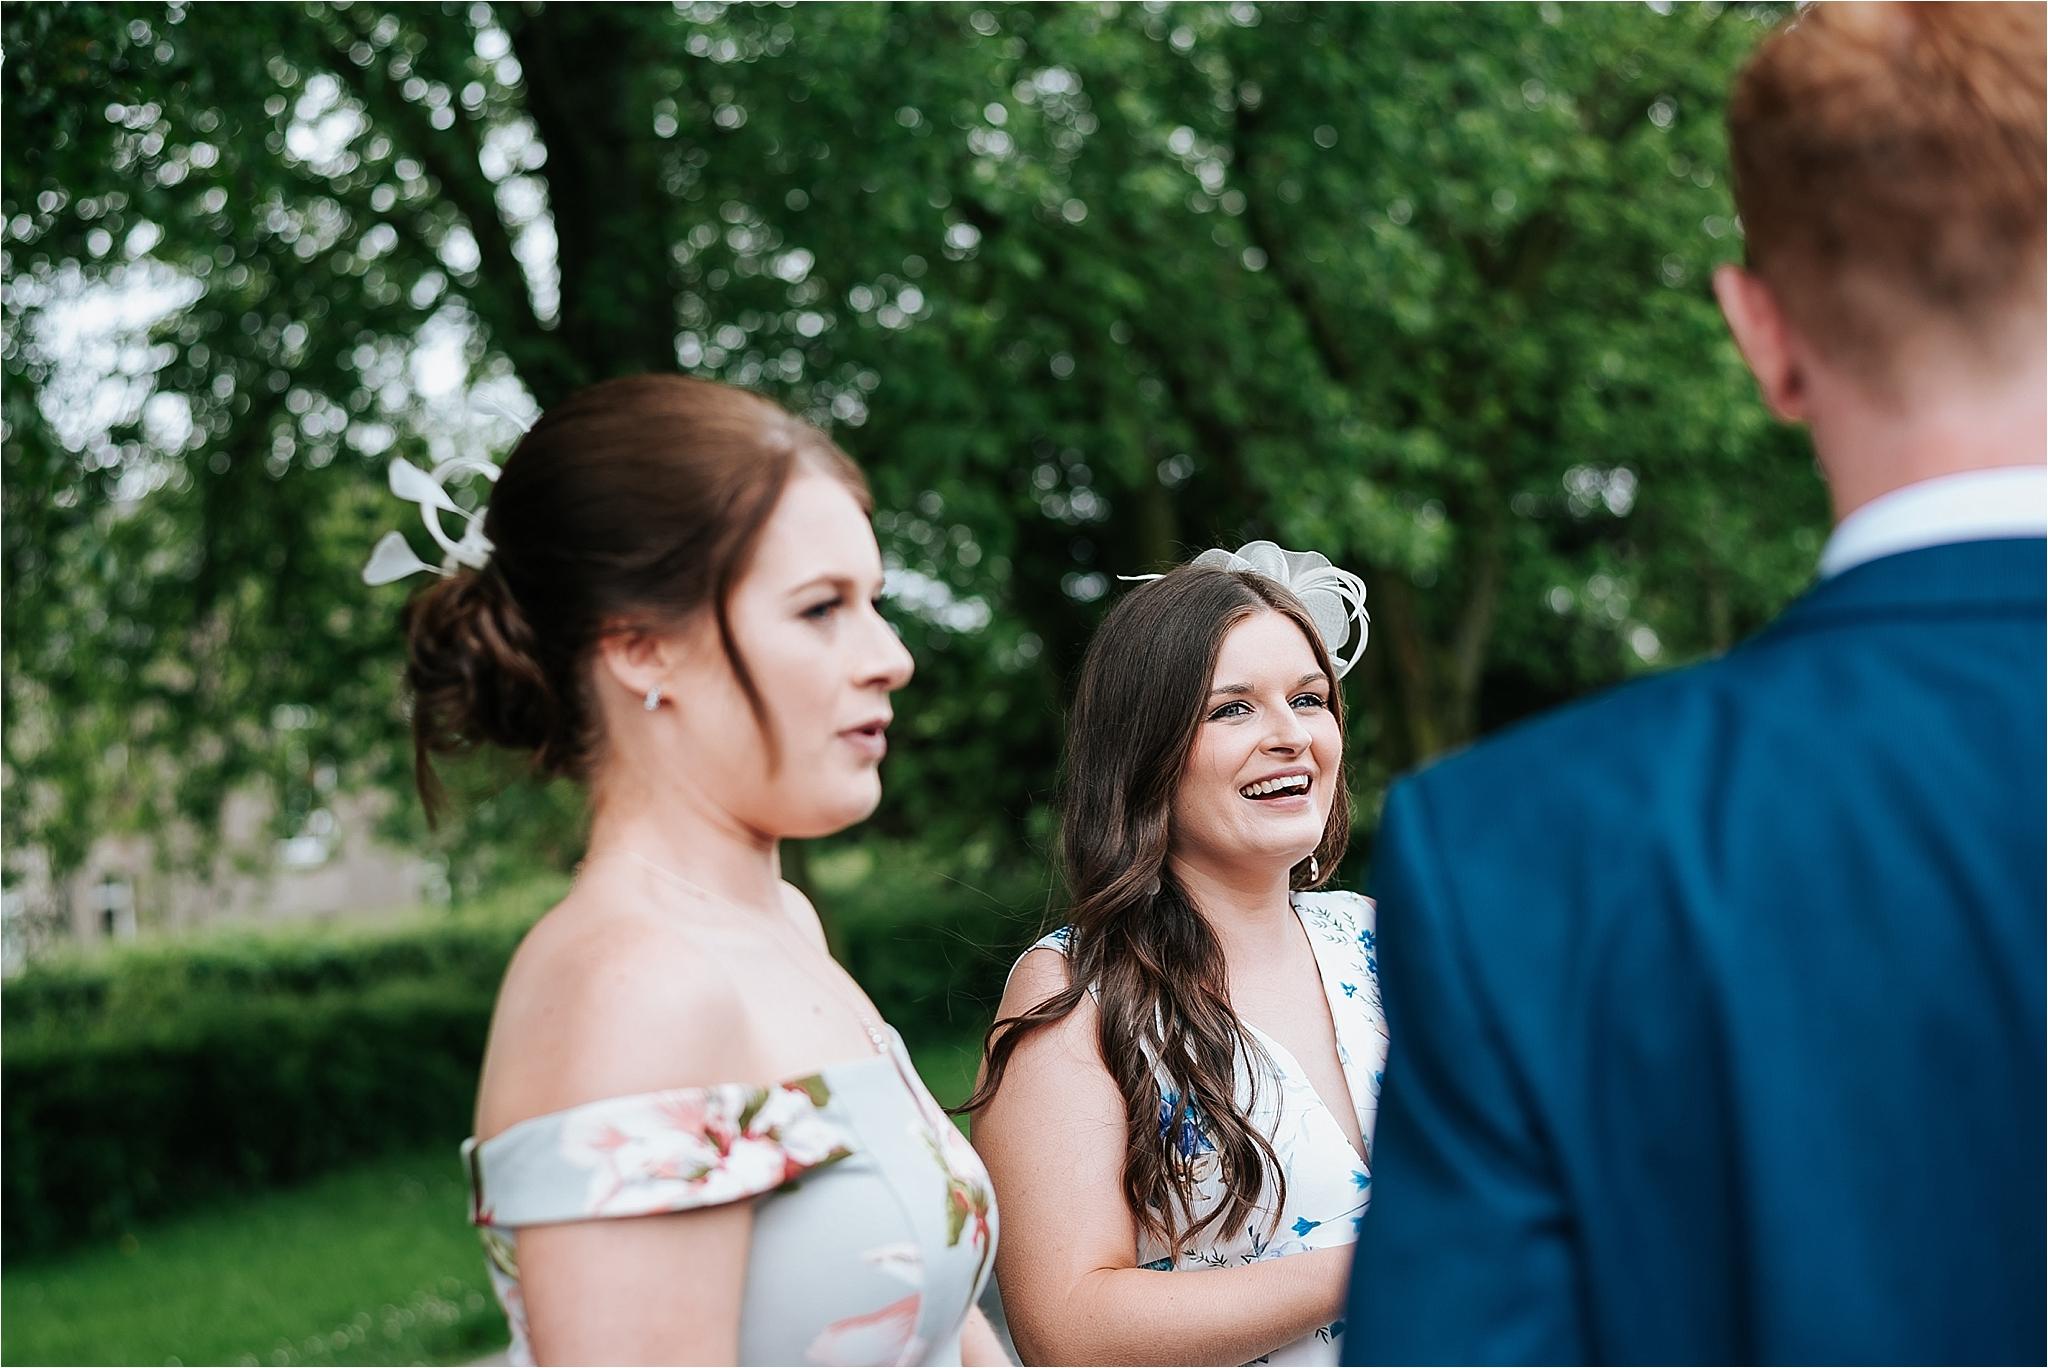 lancashireweddingphotography_0066.jpg